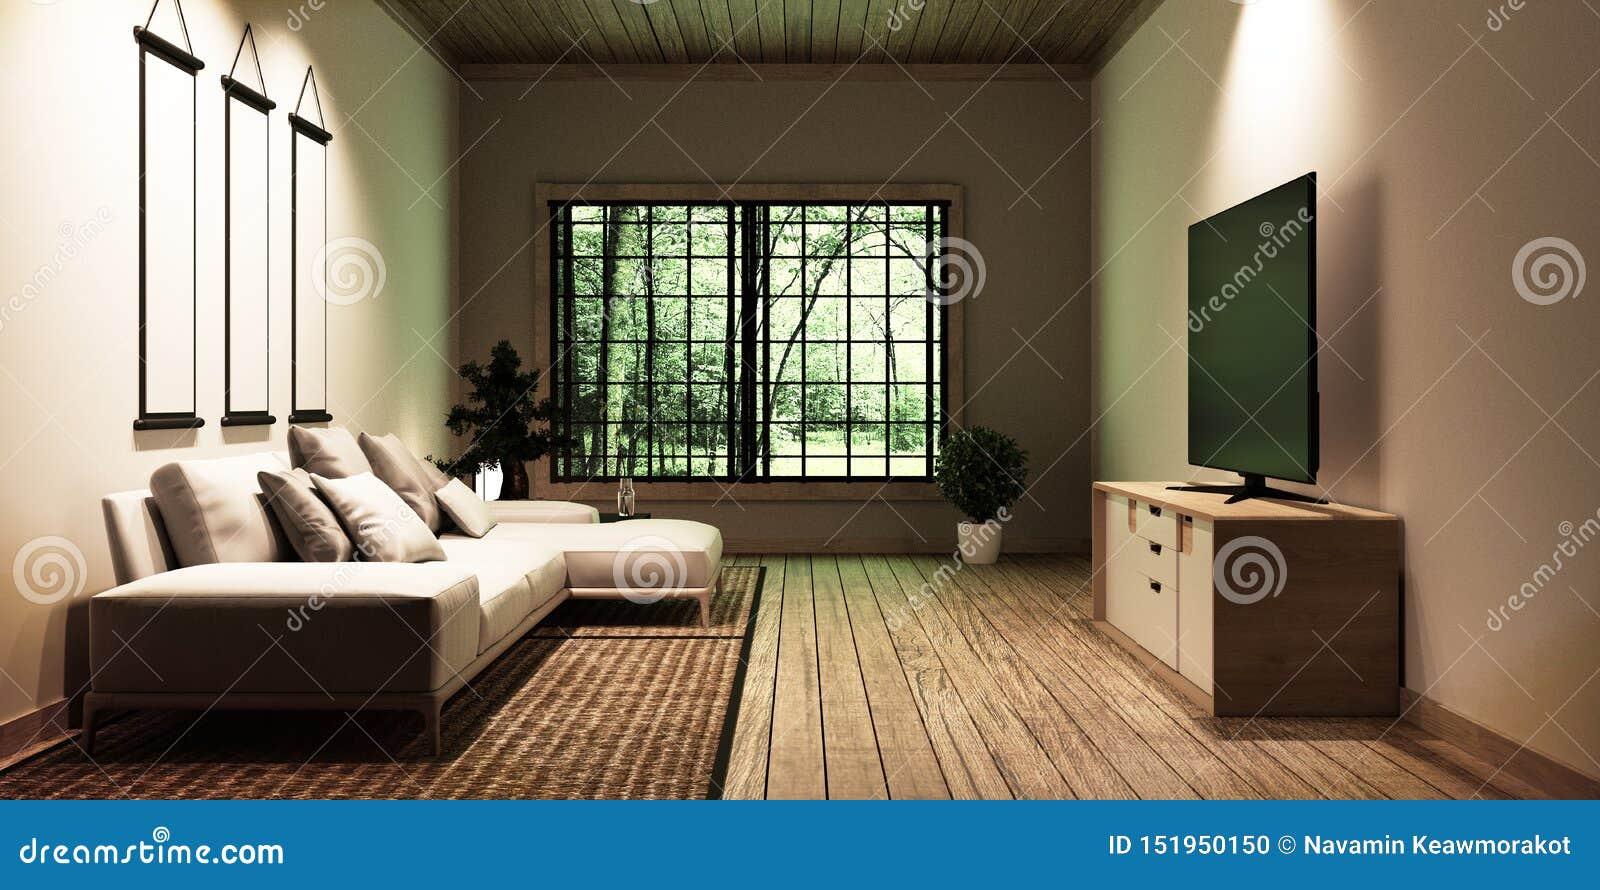 Fernsehen im modernen weißen leeren Rauminnenraum, konzipiert für Liebhaber der japanischen Art rednering 3d